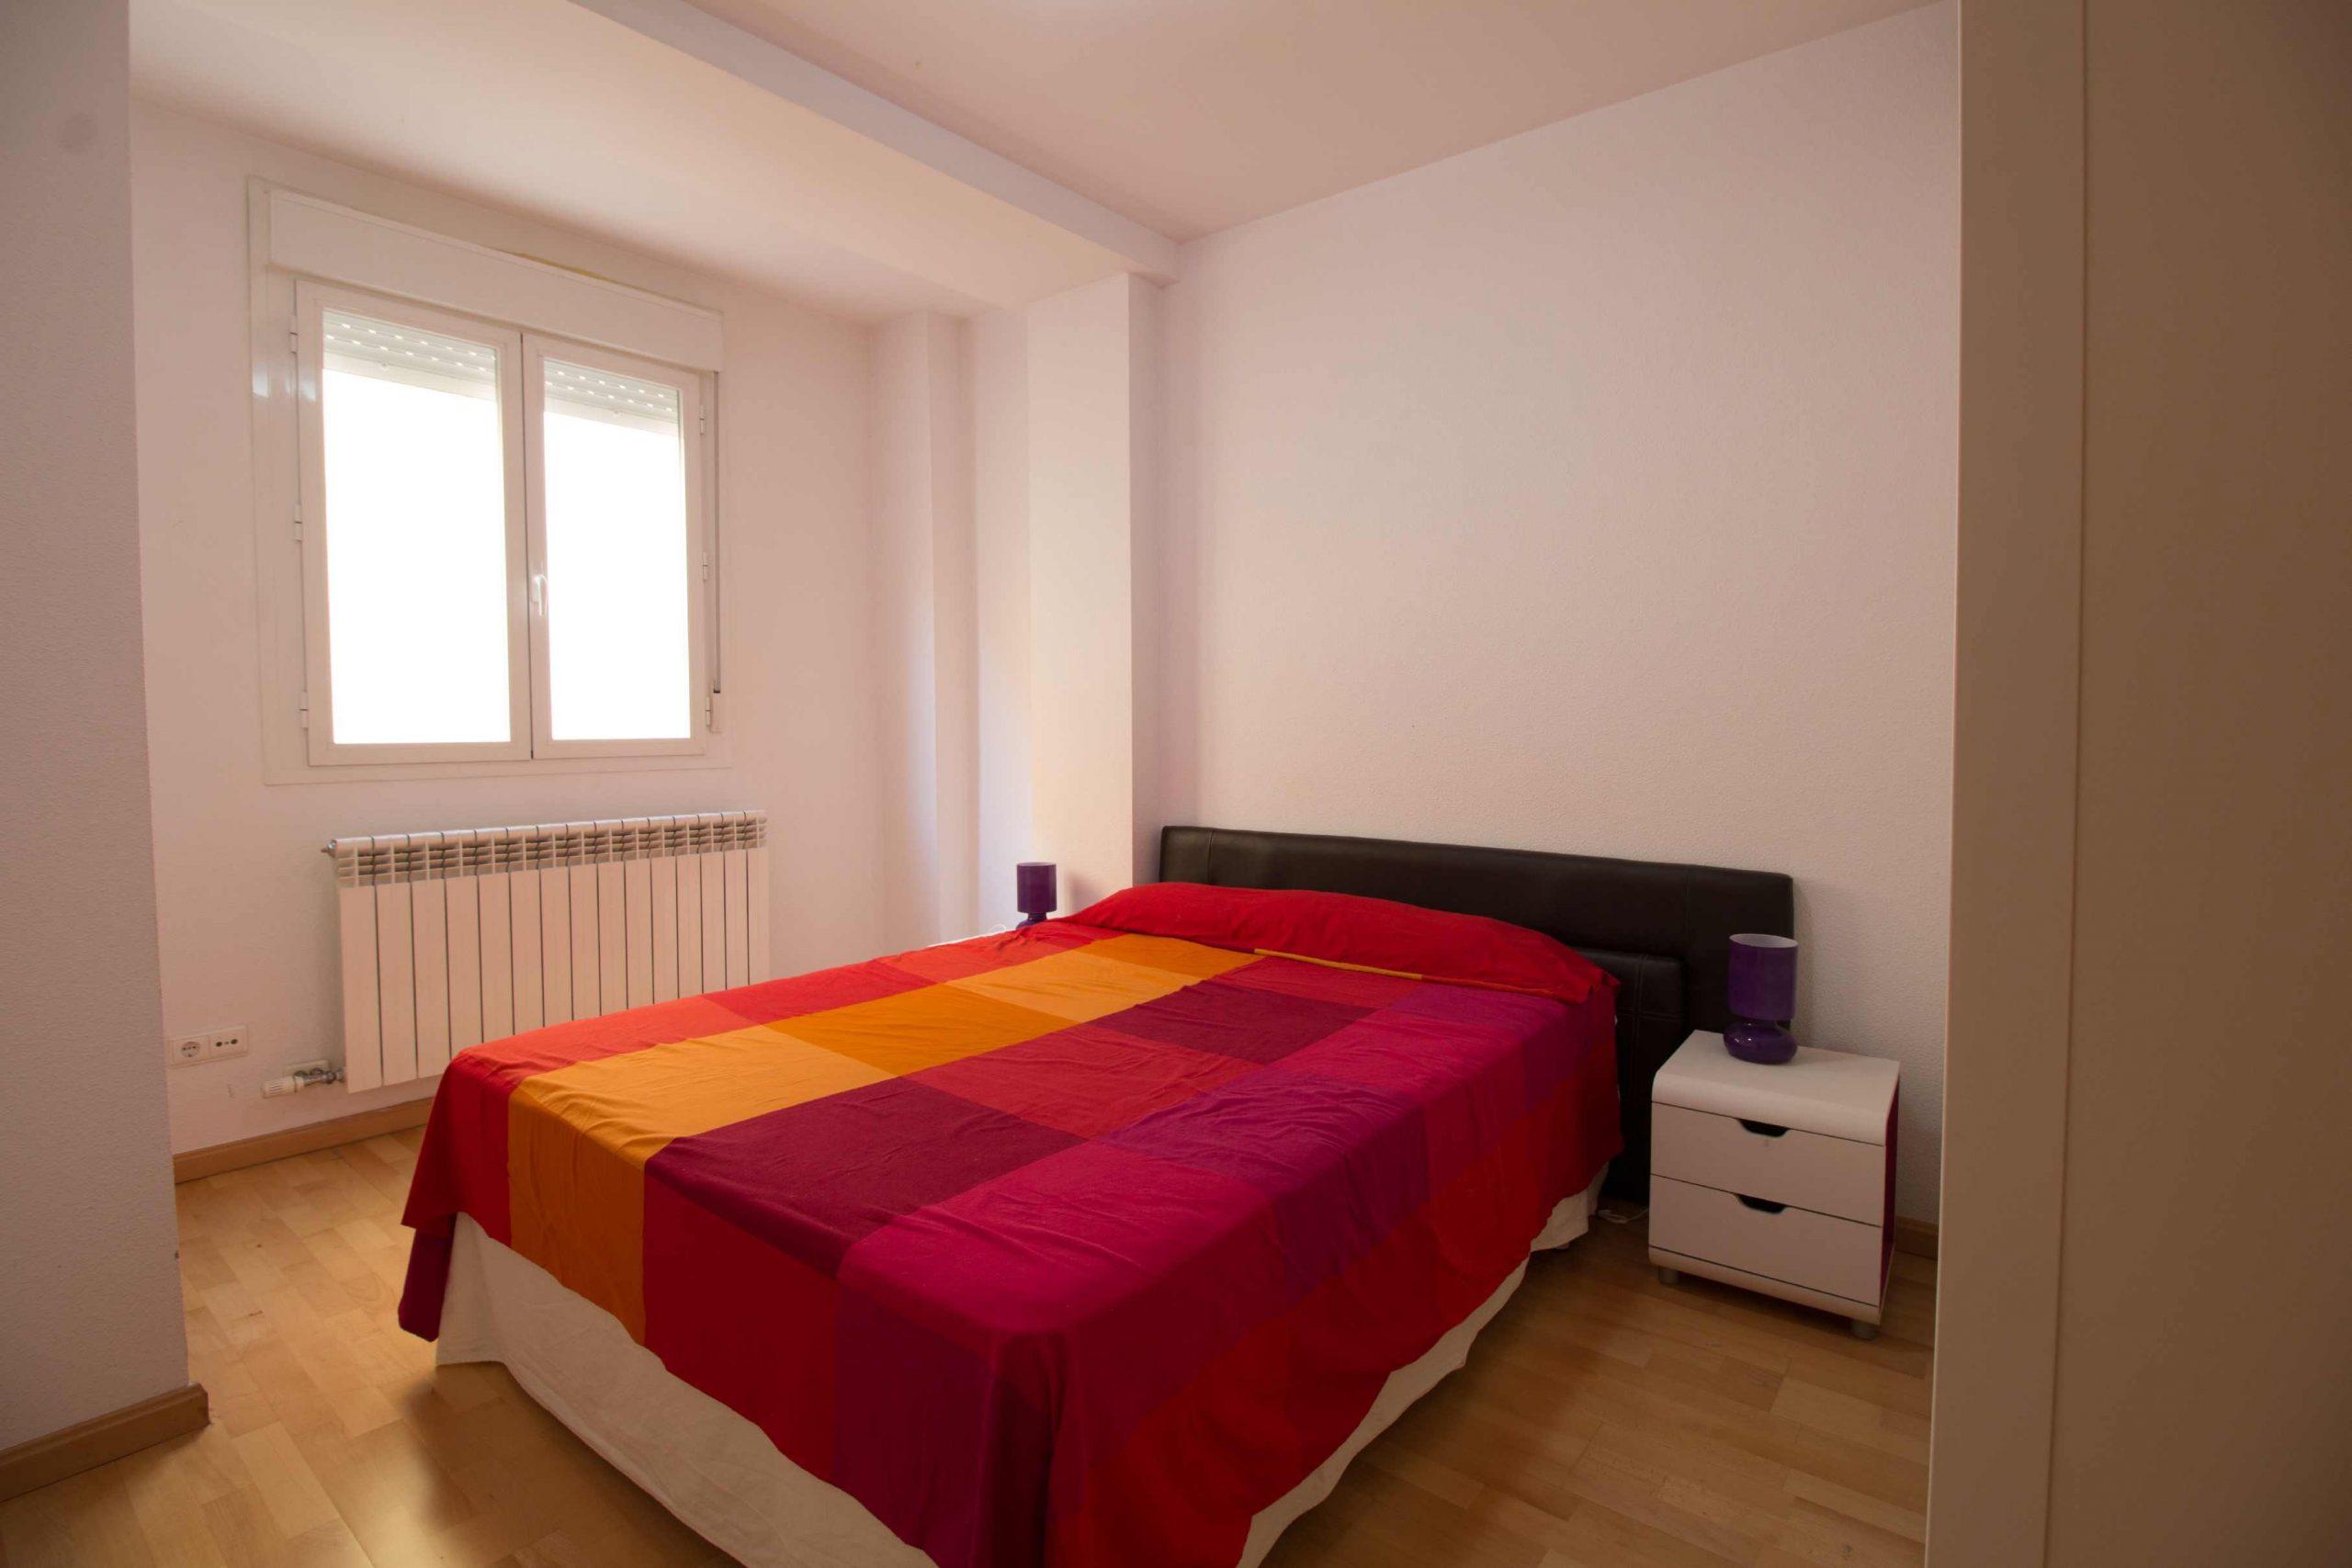 home-staging predicadores dormitorio ppal antes